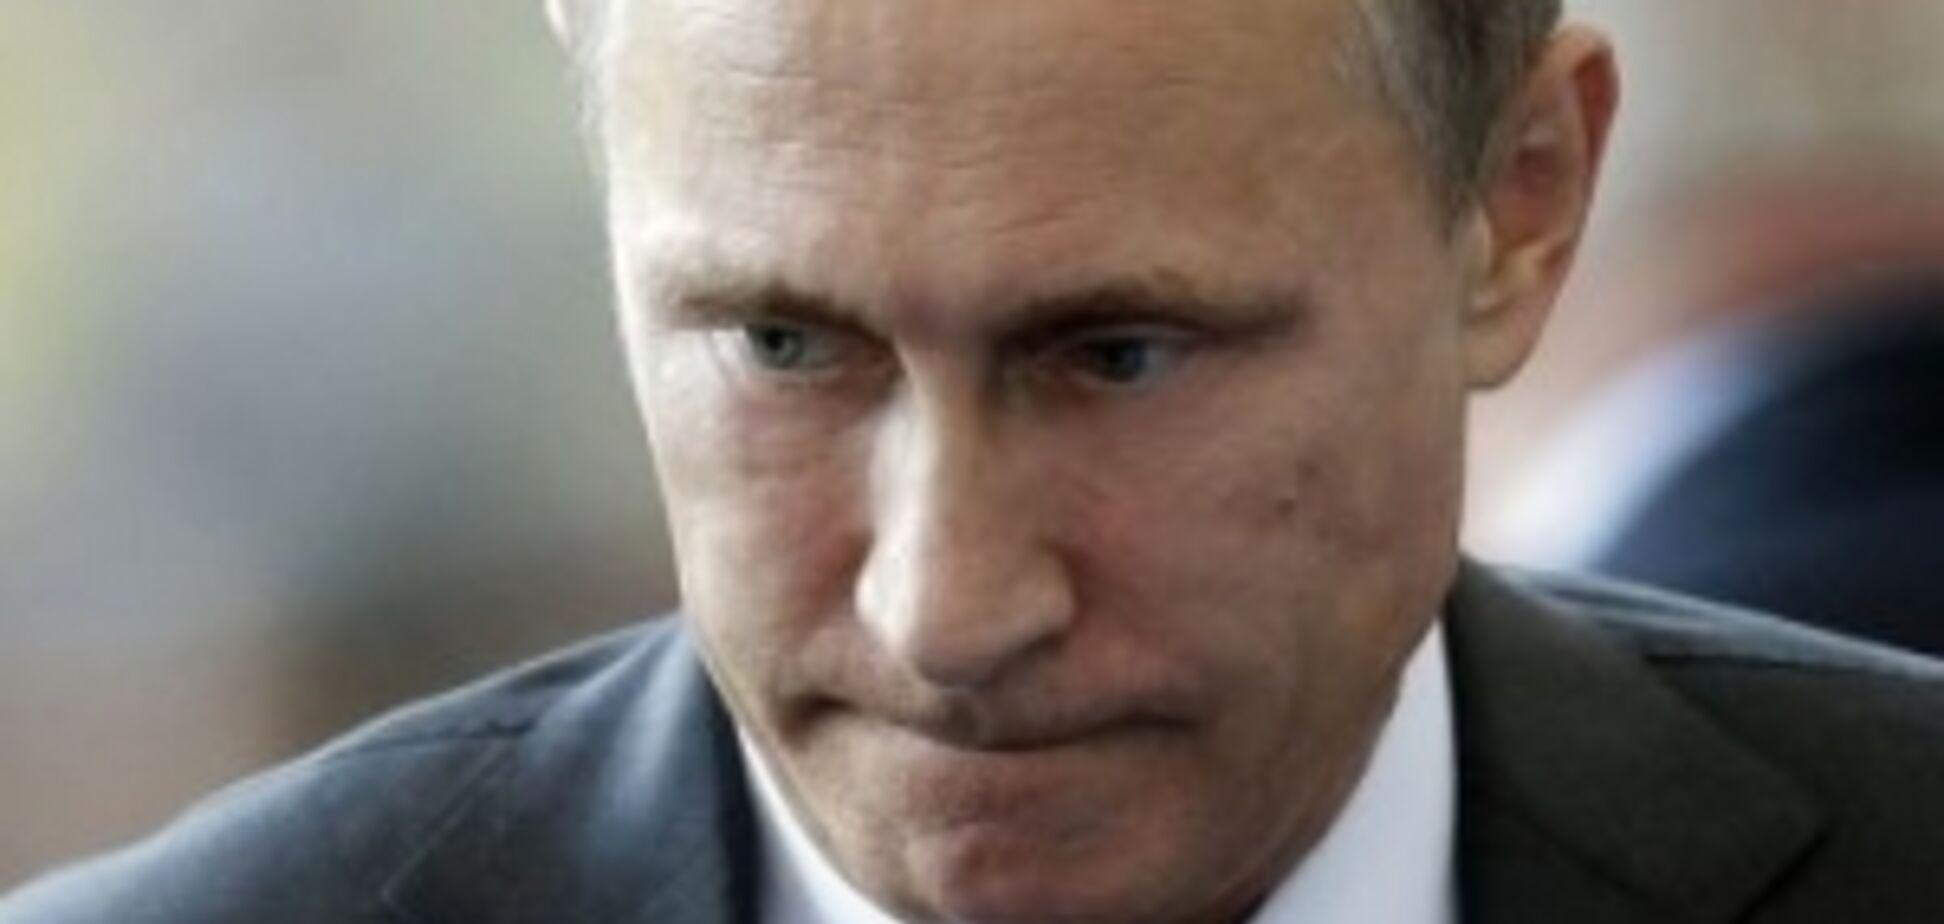 'ПТН-ПНХ': у британского министра обнаружили туалетную бумагу с Путиным